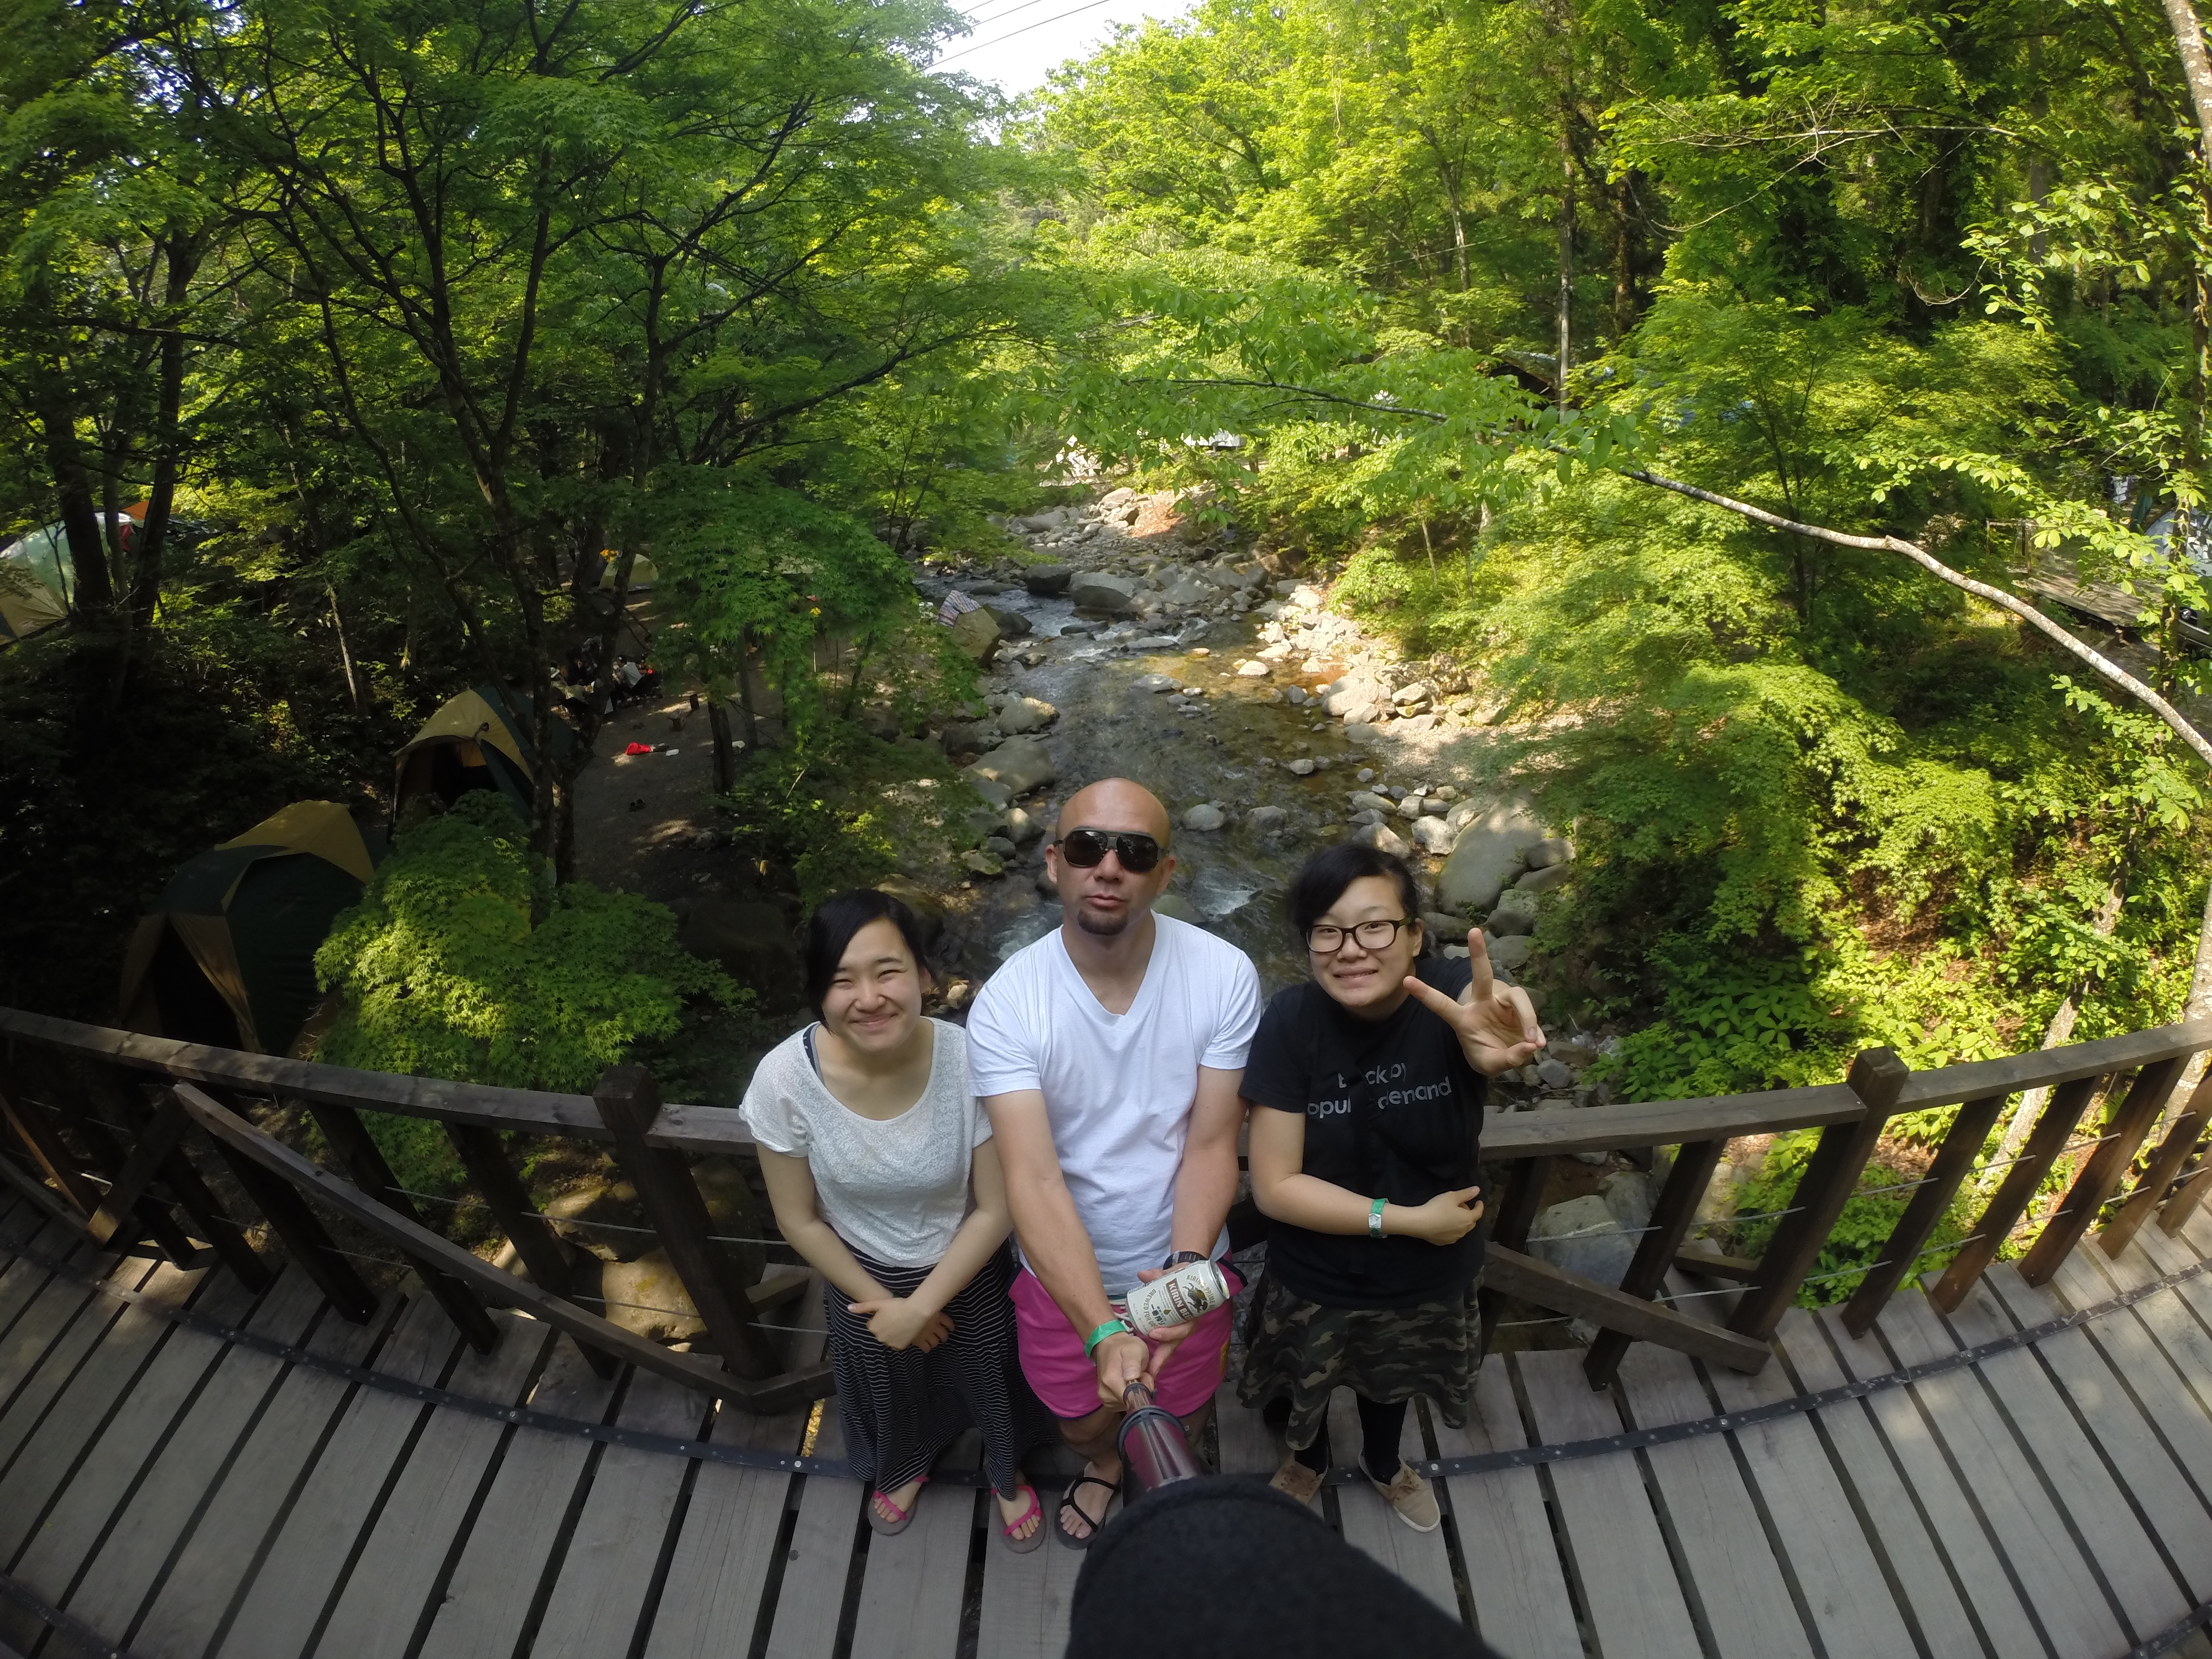 山梨県・道志の森キャンプ場で開催された「Natural High」に行った時の様子(写真:渡辺さん提供)